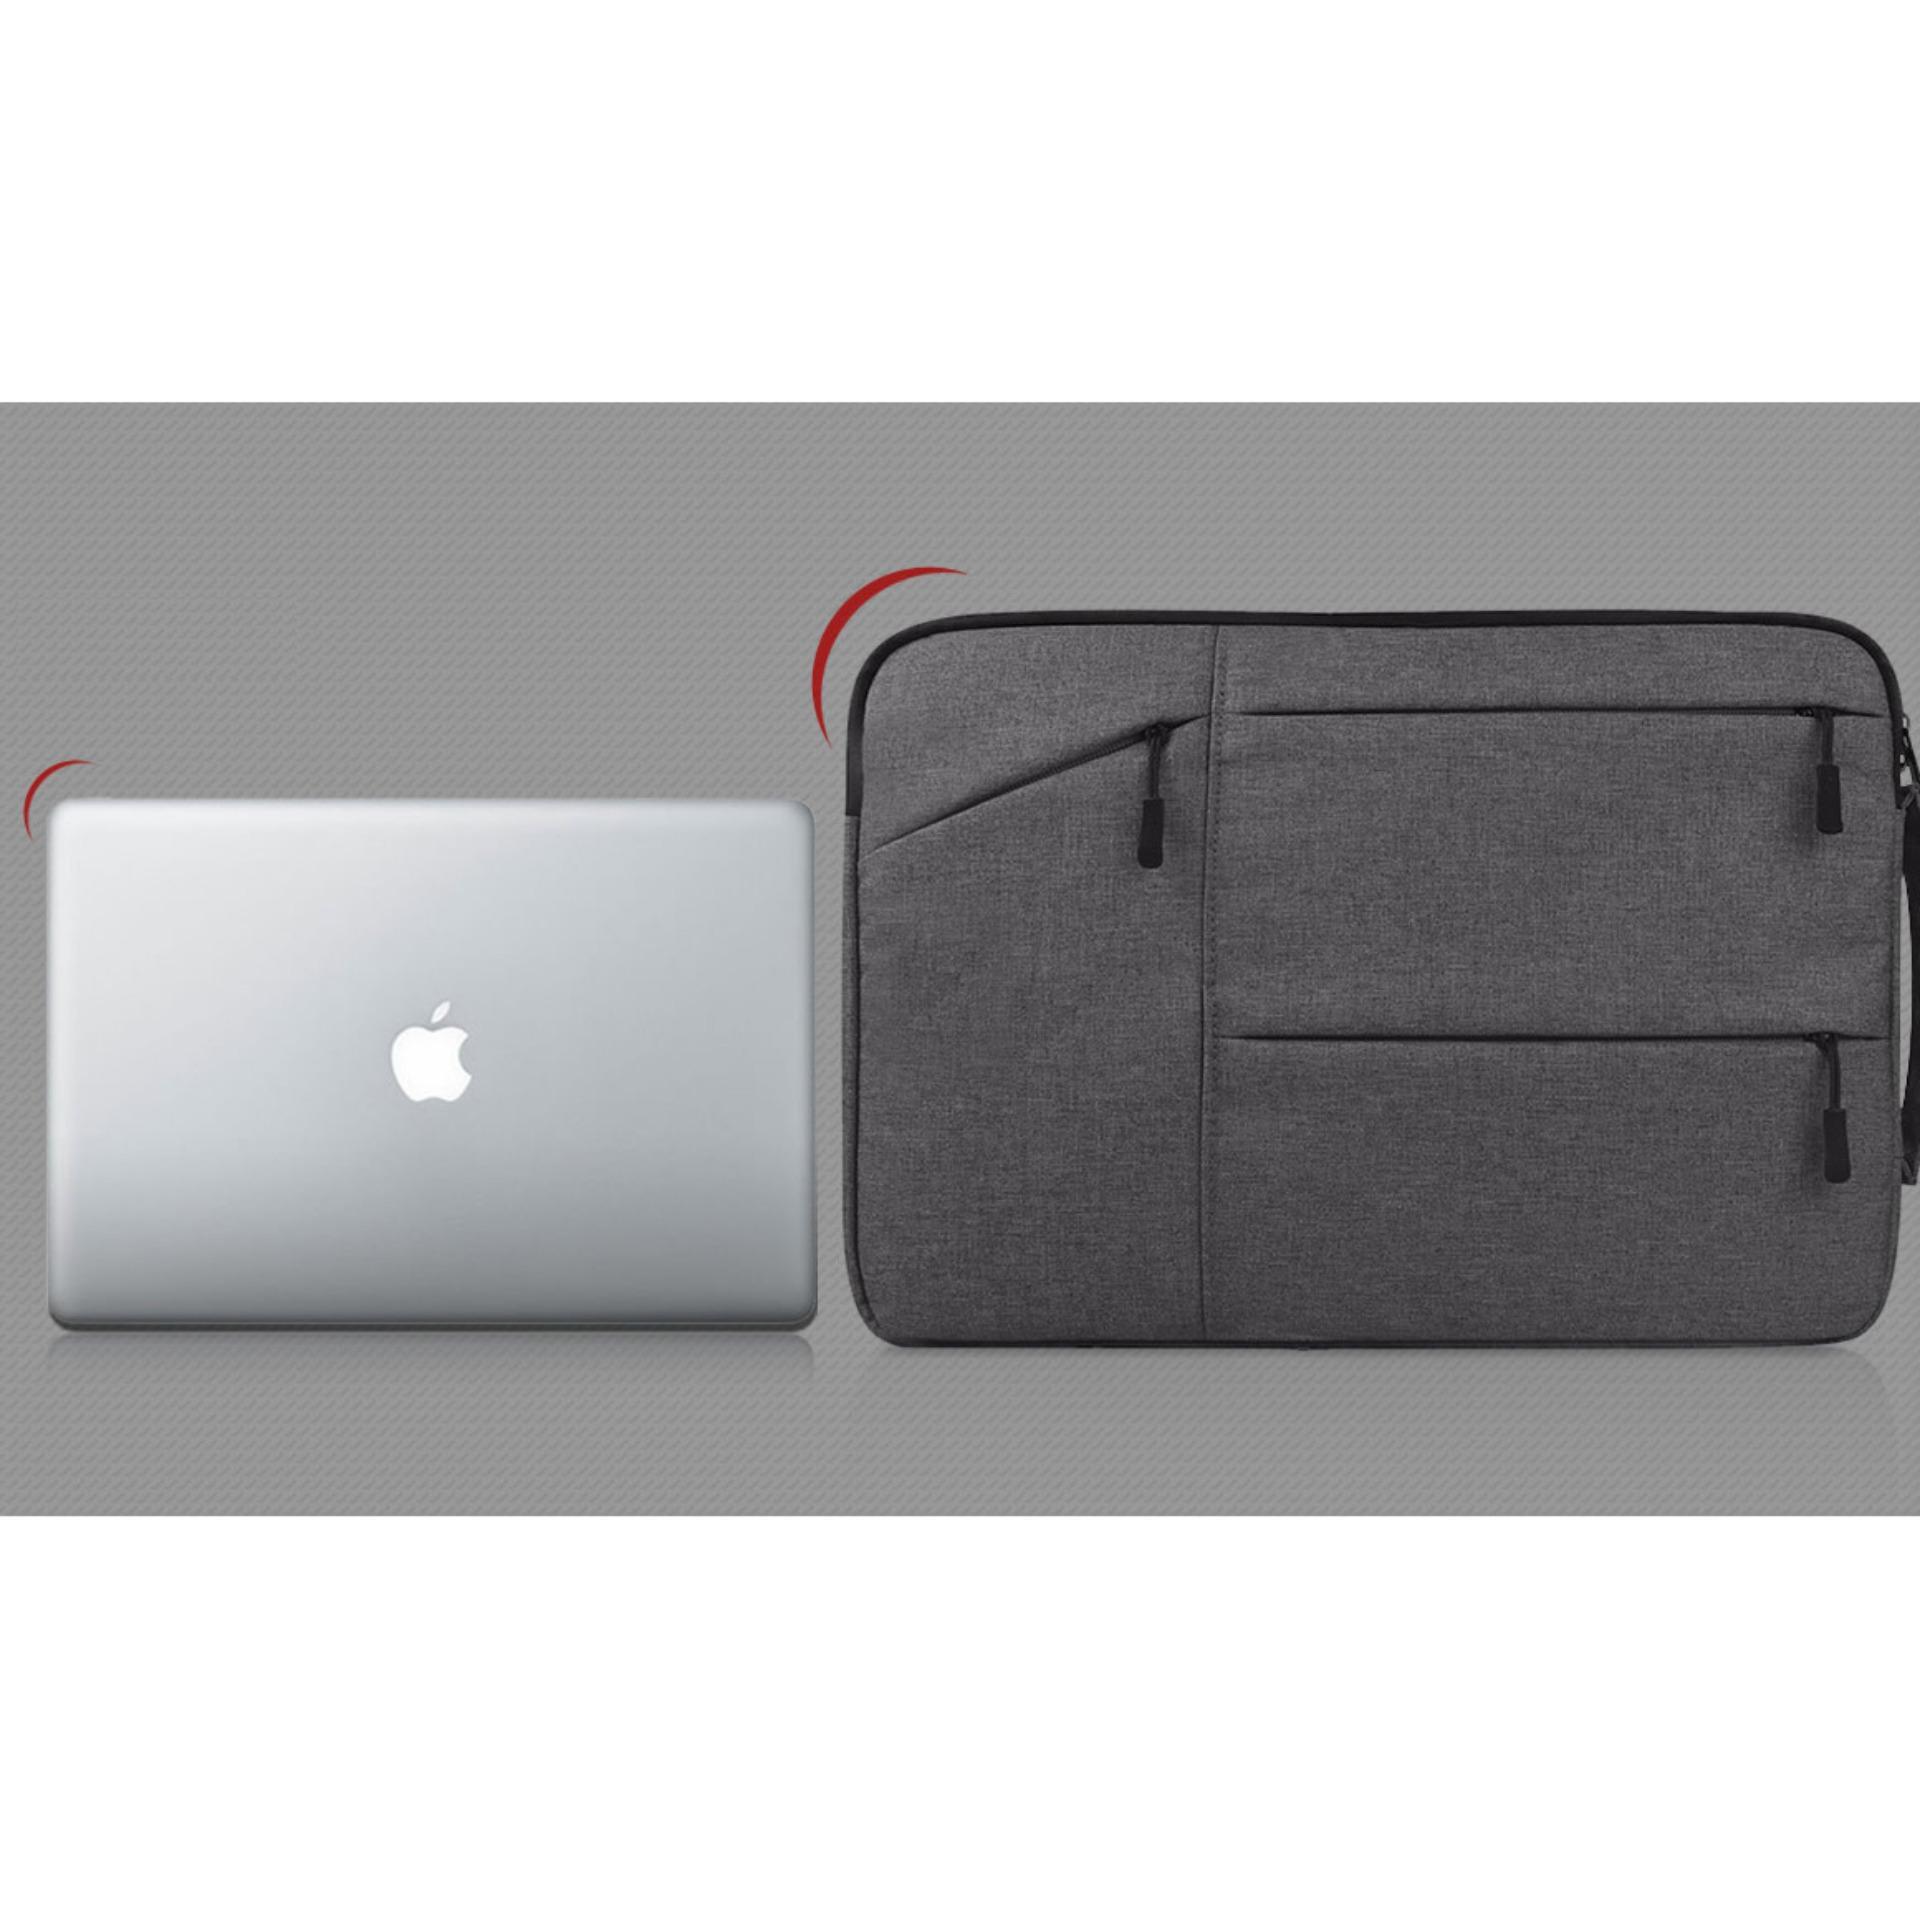 Mã Tiết Kiệm Để Mua Sắm Túi Chống Sốc Laptop 13 Inch Nhiều Ngăn Sang Trọng (màu đen) MLM